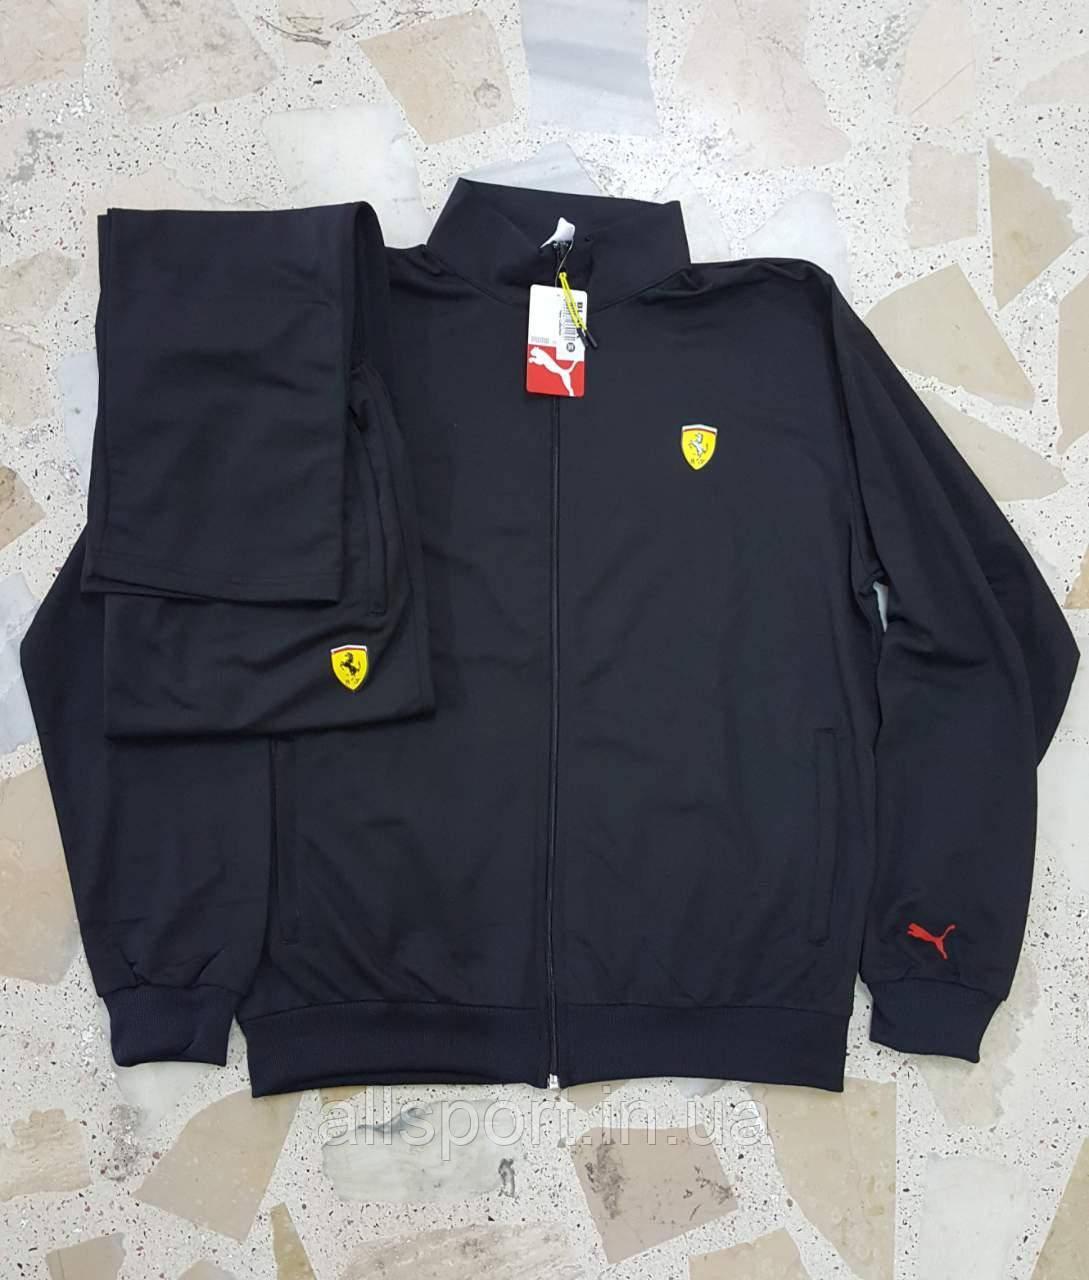 b2abb8393c42 Мужские спортивные костюмы Puma Ferrari Великаны - Интернет-магазин